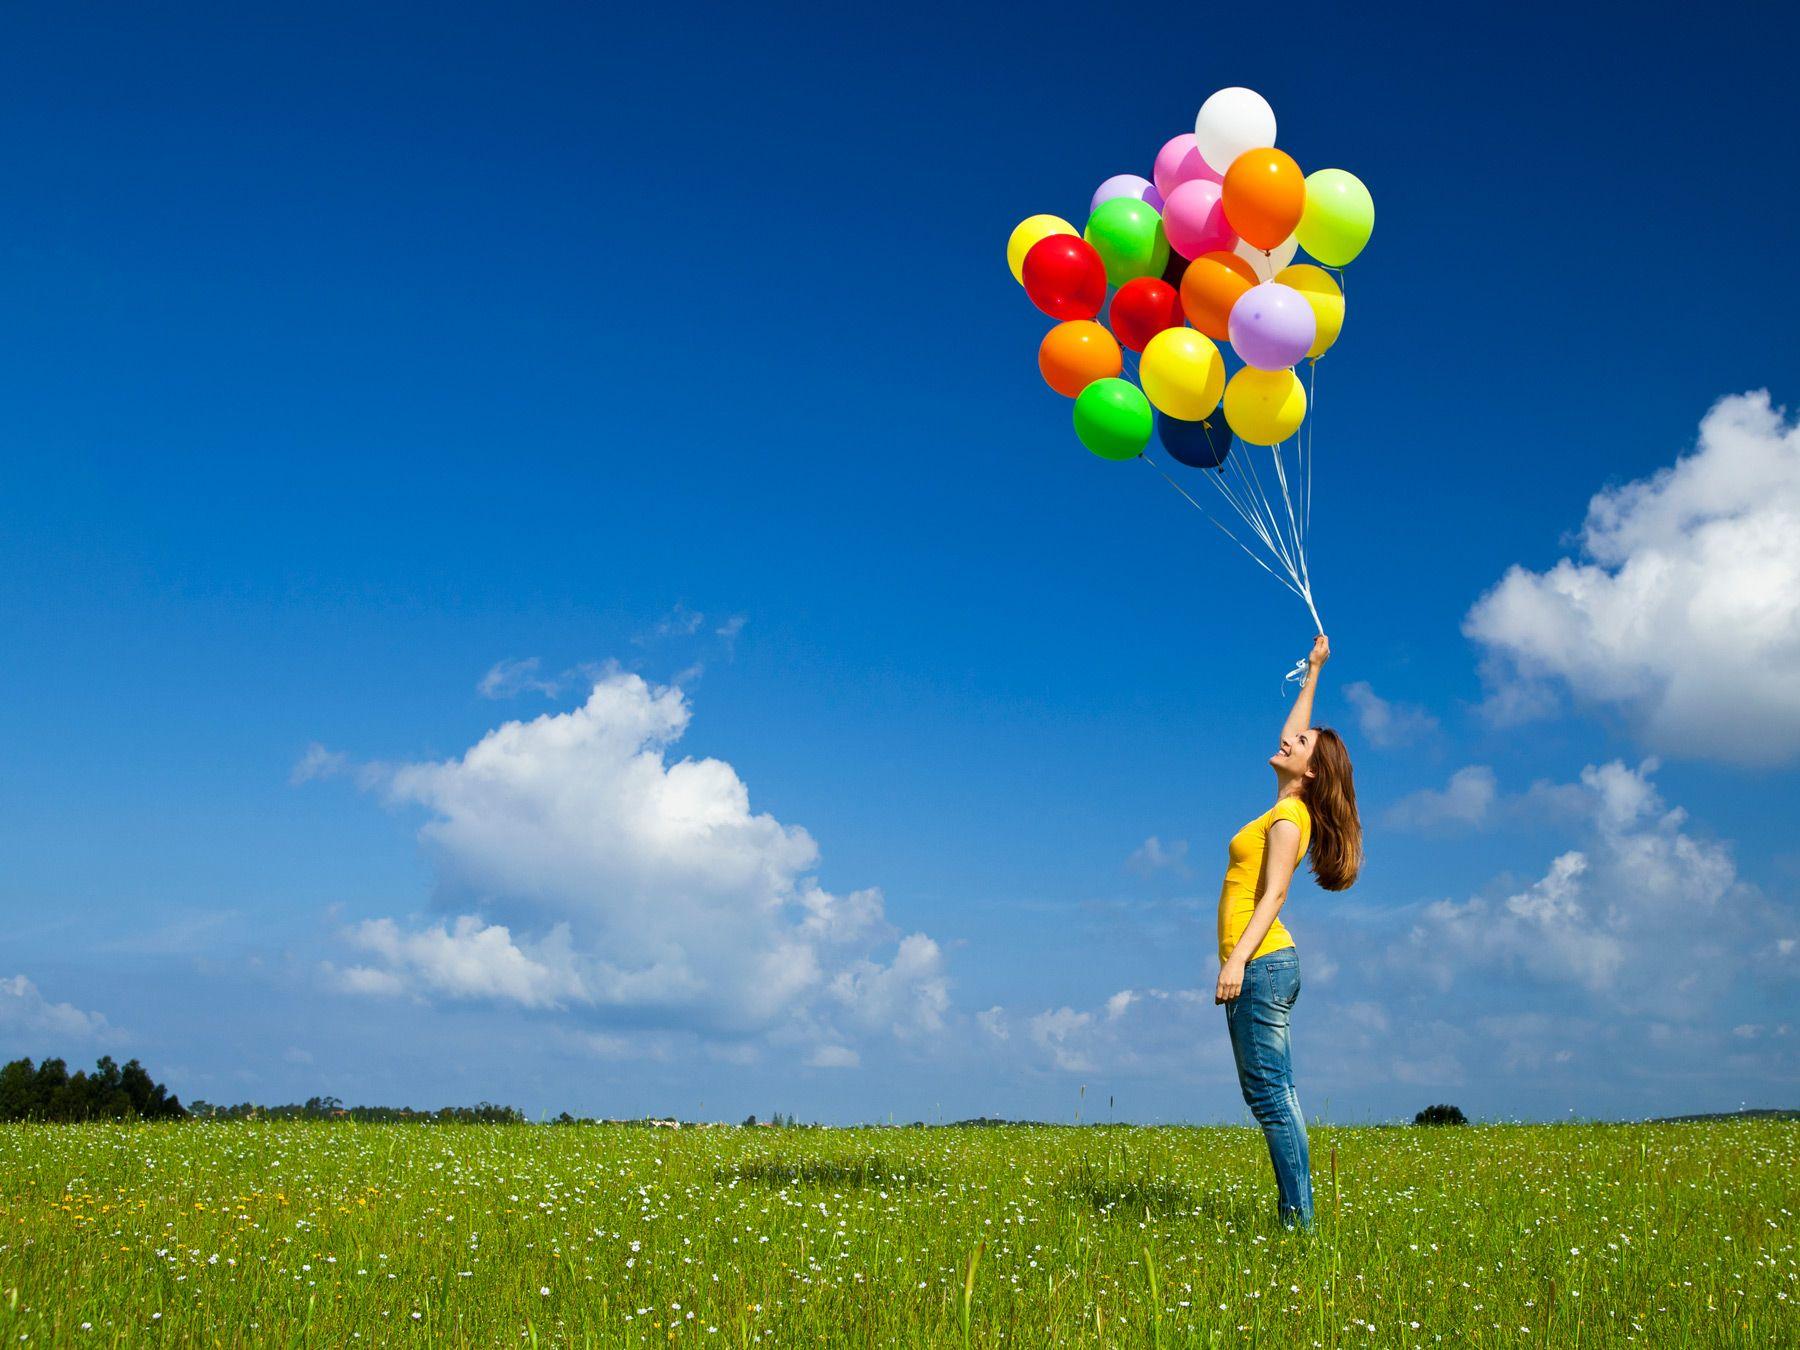 Ο απαισιόδοξος παραπονιέται για τον άνεμο. Ο αισιόδοξος περιμένει τον άνεμο ν' αλλάξει. Και ο ρεαλιστής ρυθμίζει τα πανιά